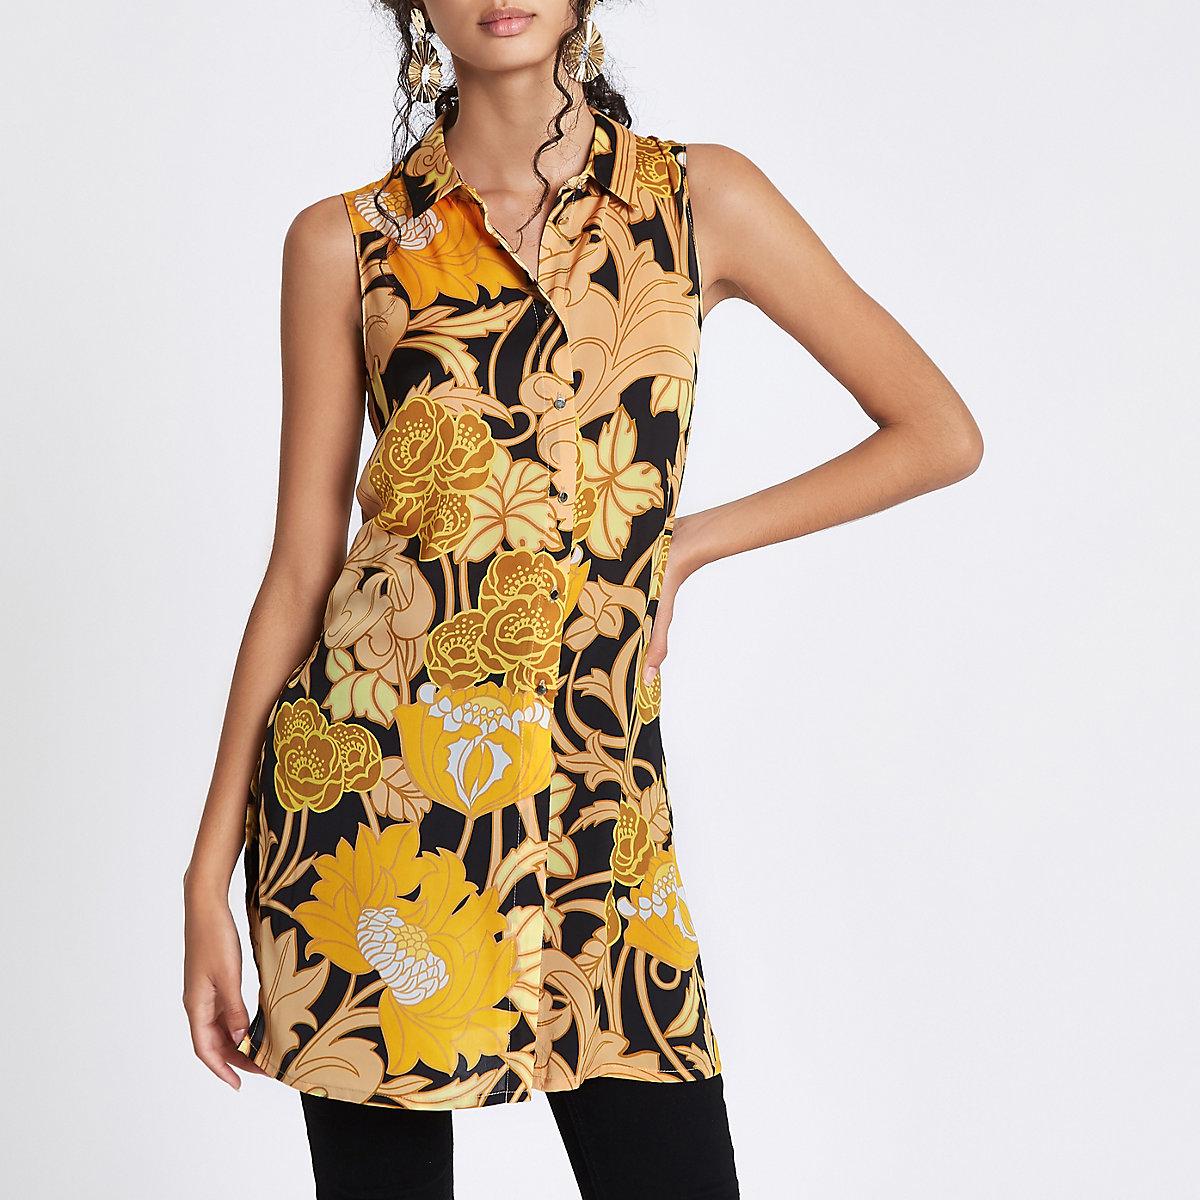 Ärmelloses, langes Hemd in Gelb mit Blumen